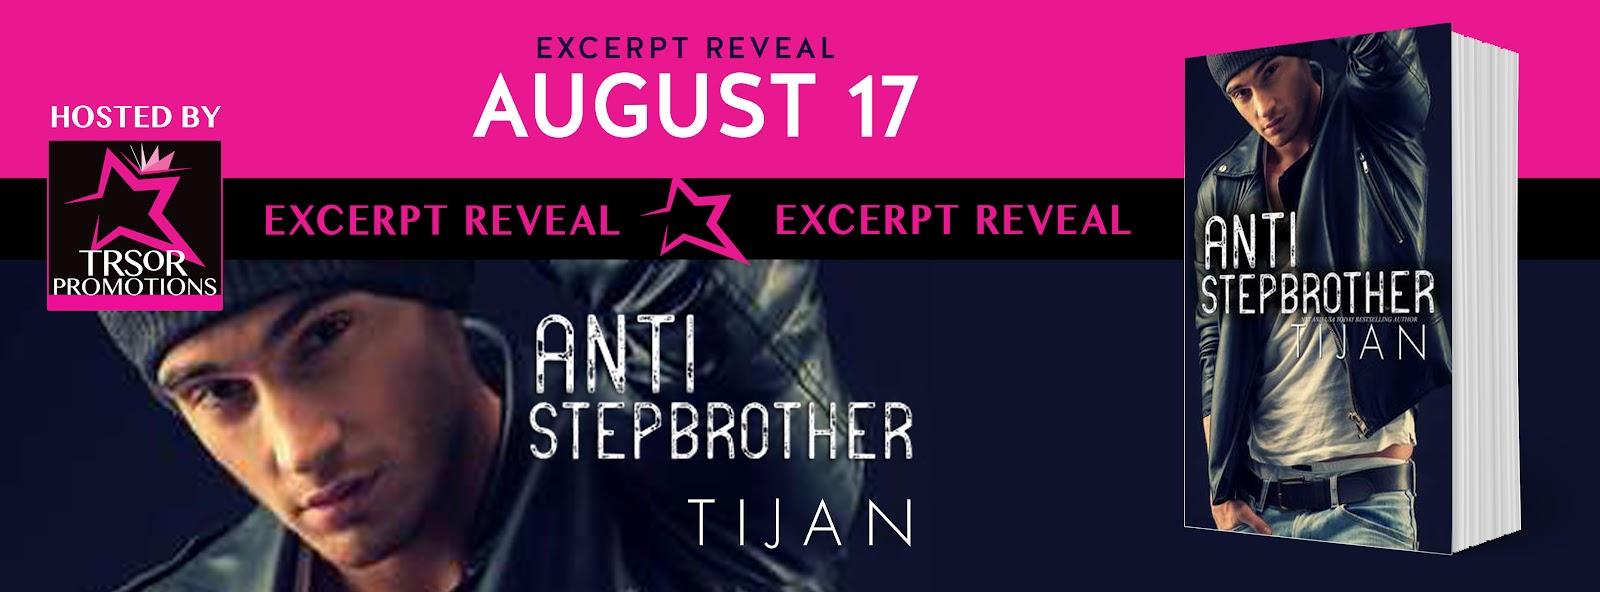 ANTI_STEP_BROTHER_EXCERPT.jpg